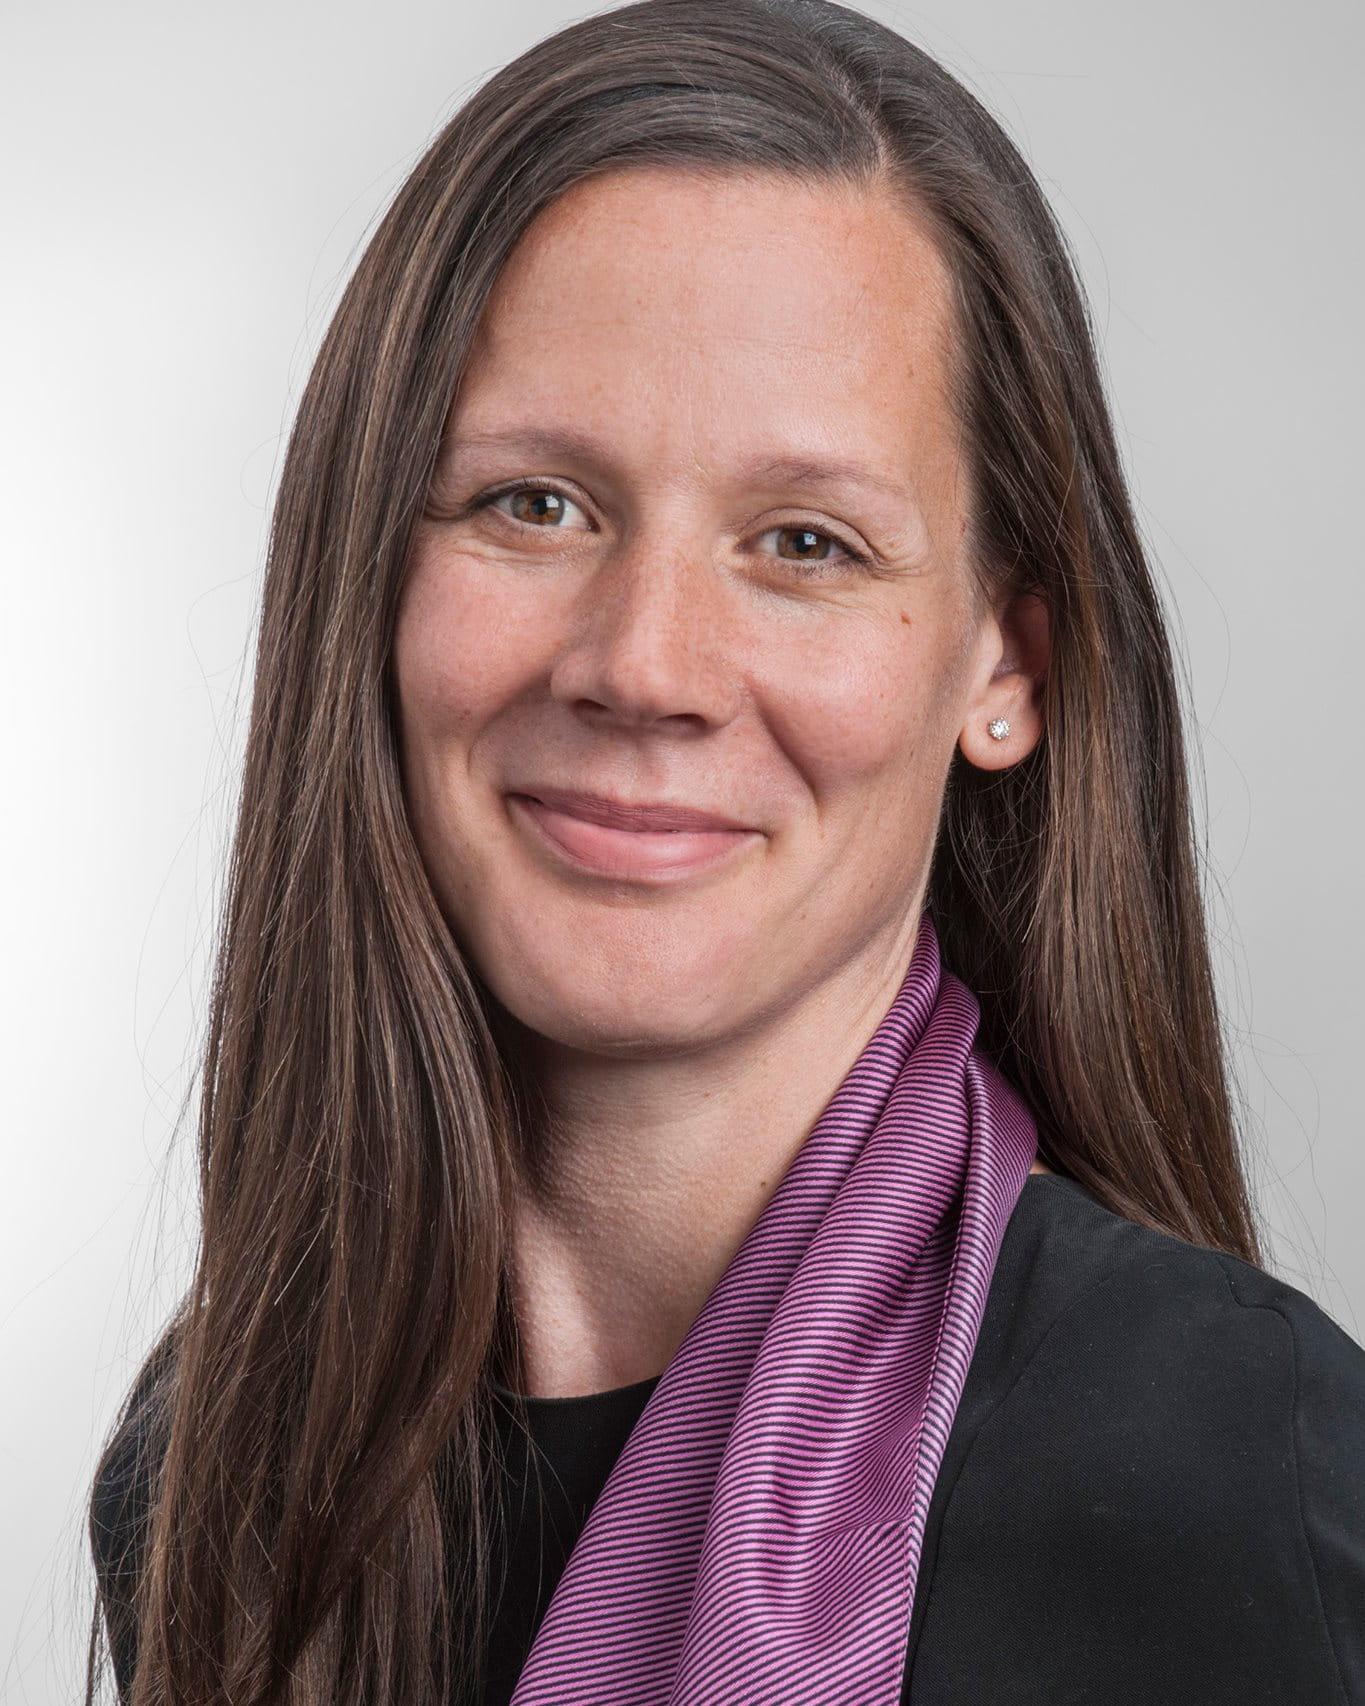 Caroline Lenzin